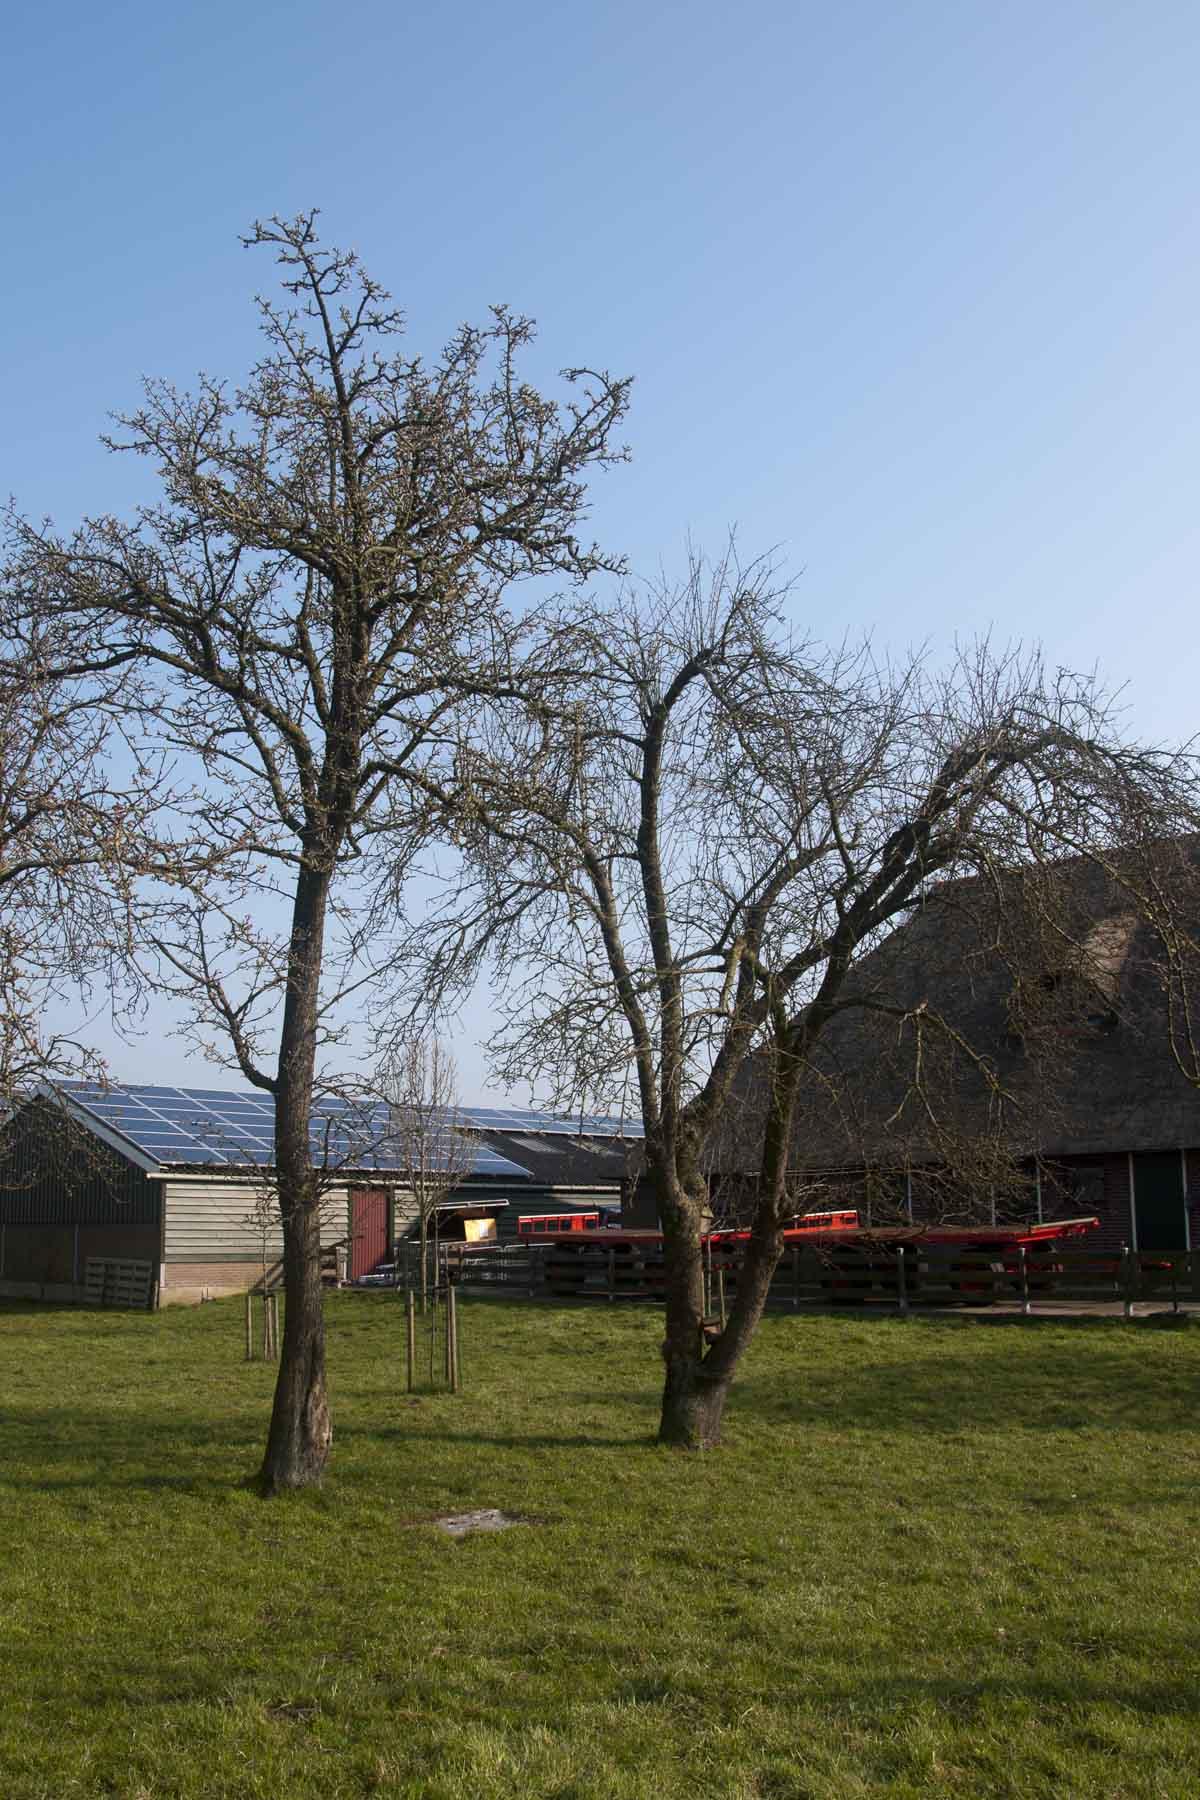 2014 03 29 HSB Wanneperveen 5174